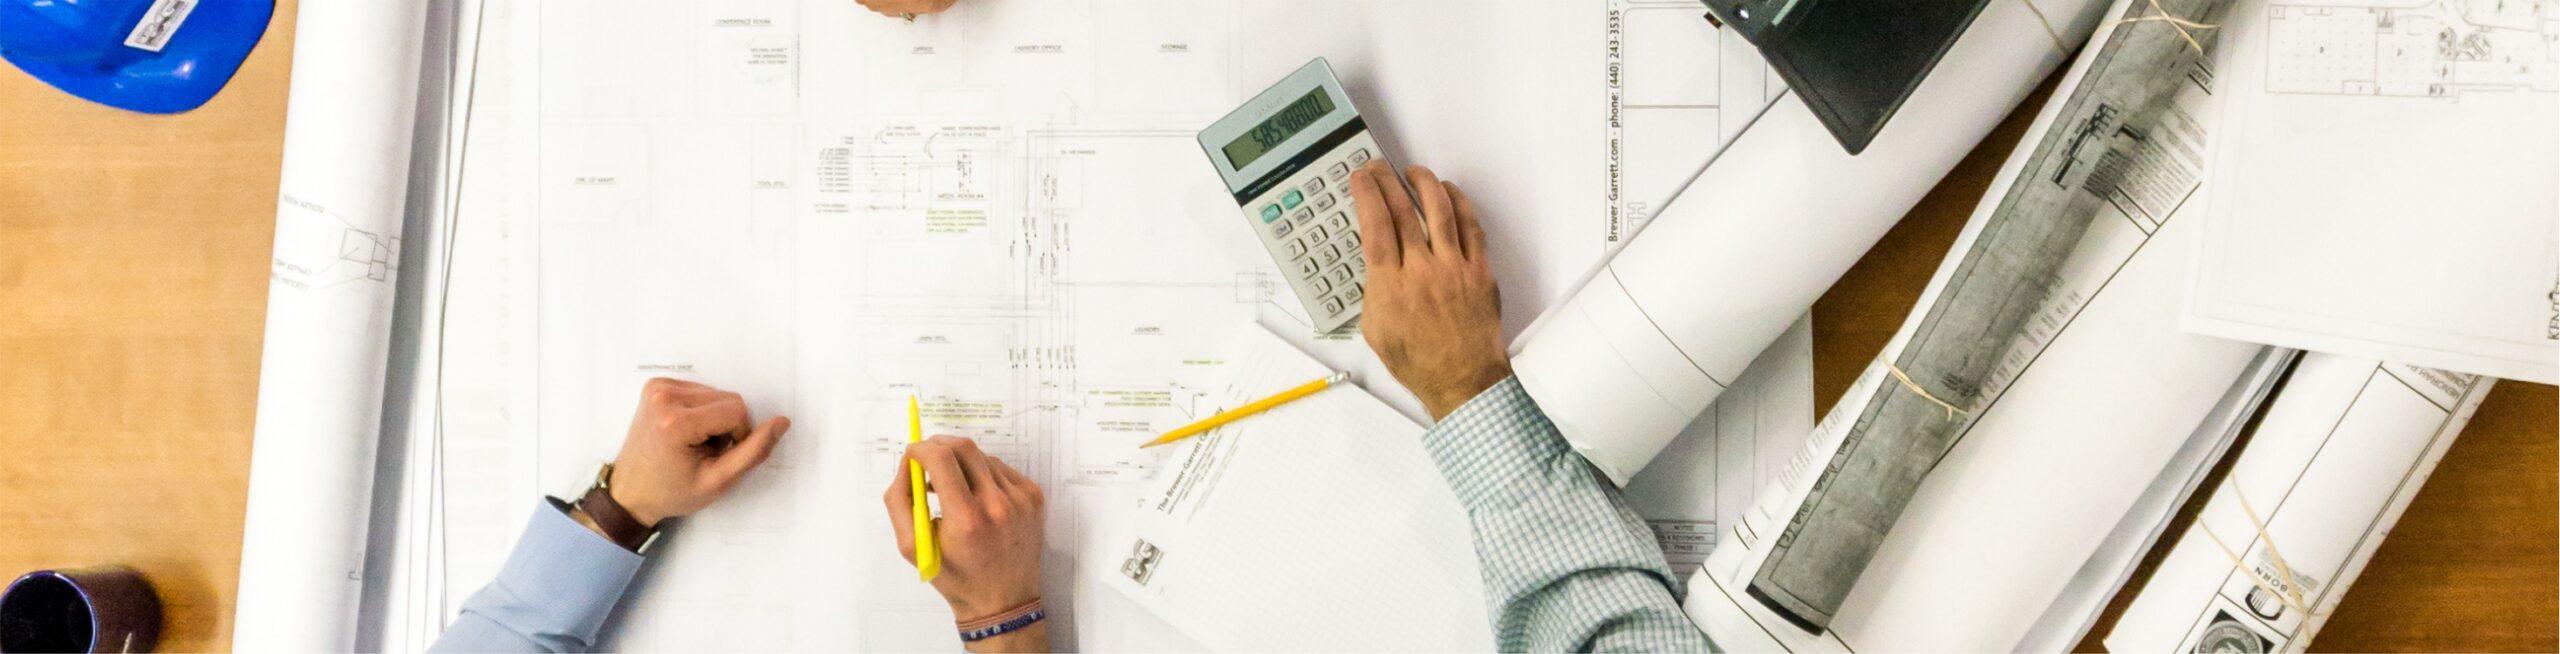 desarrollo de proyectos corporativos